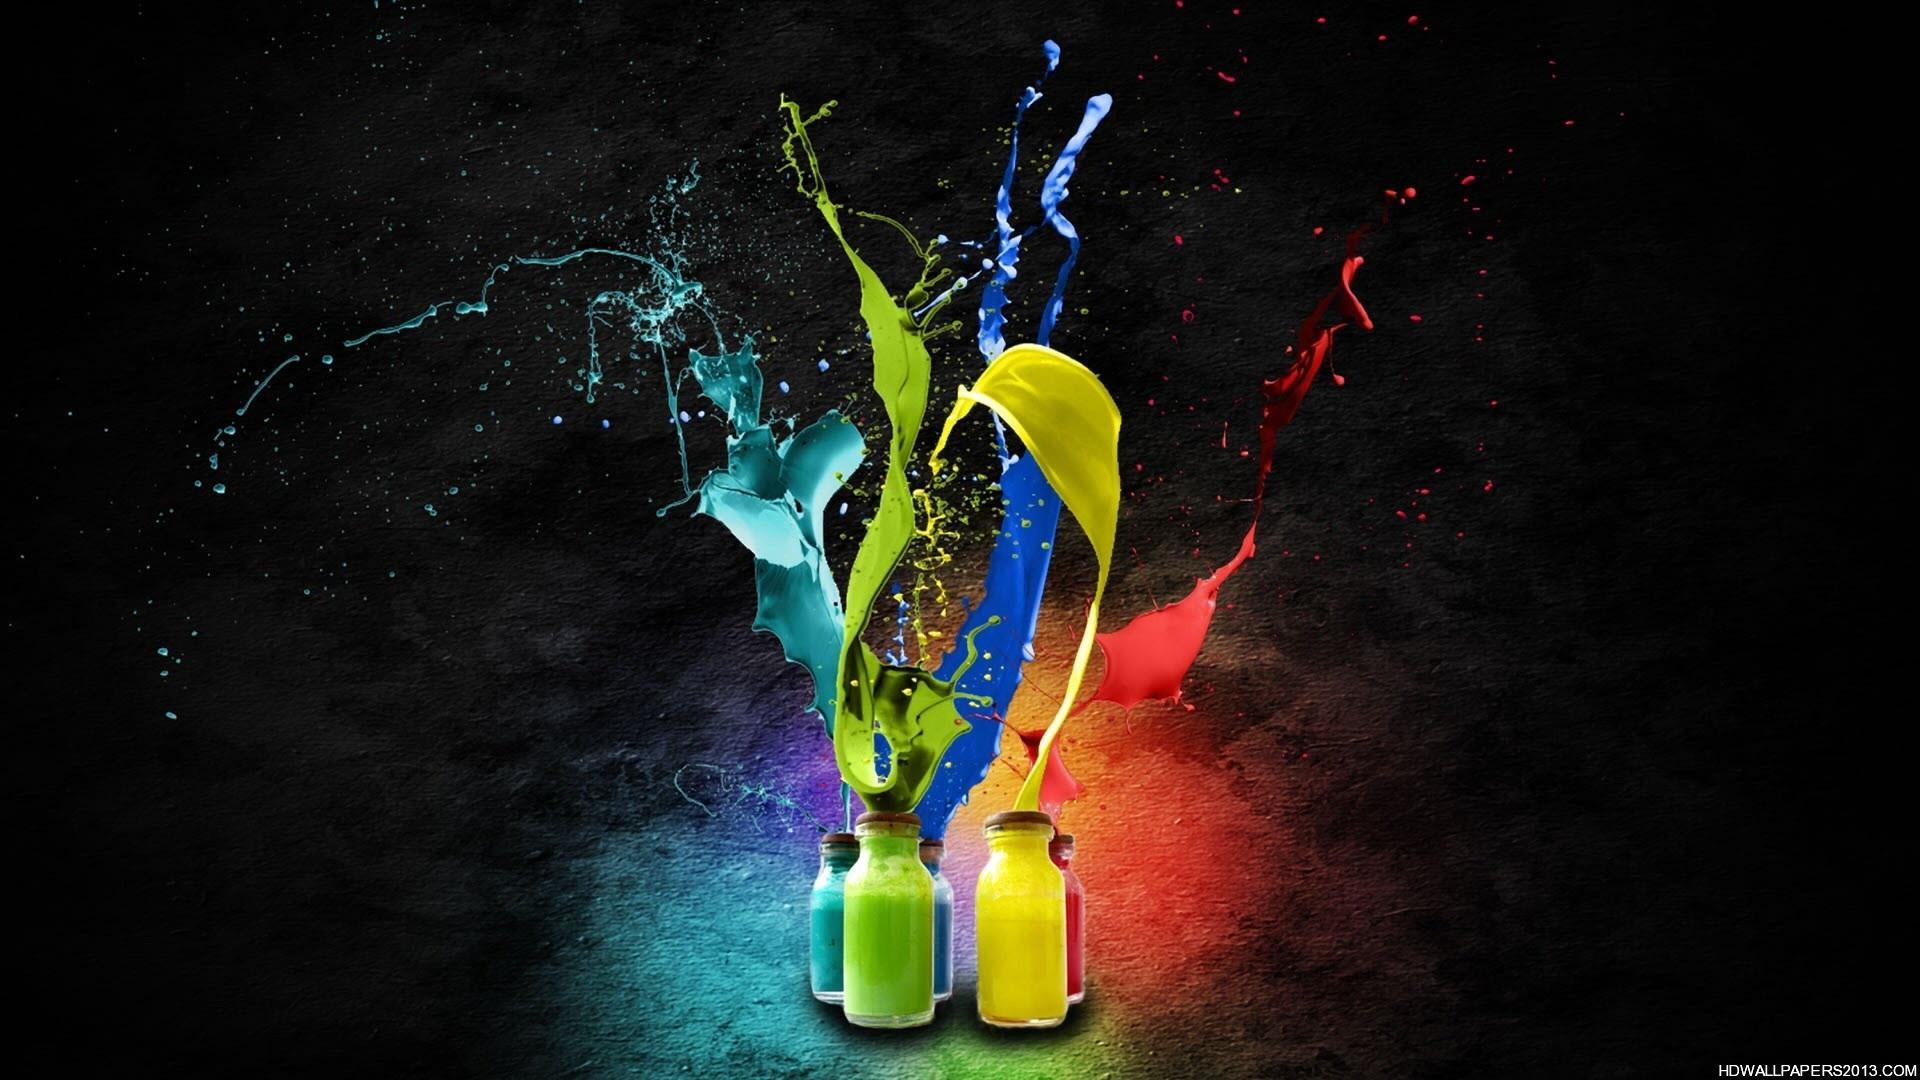 splash-of-colors-hd